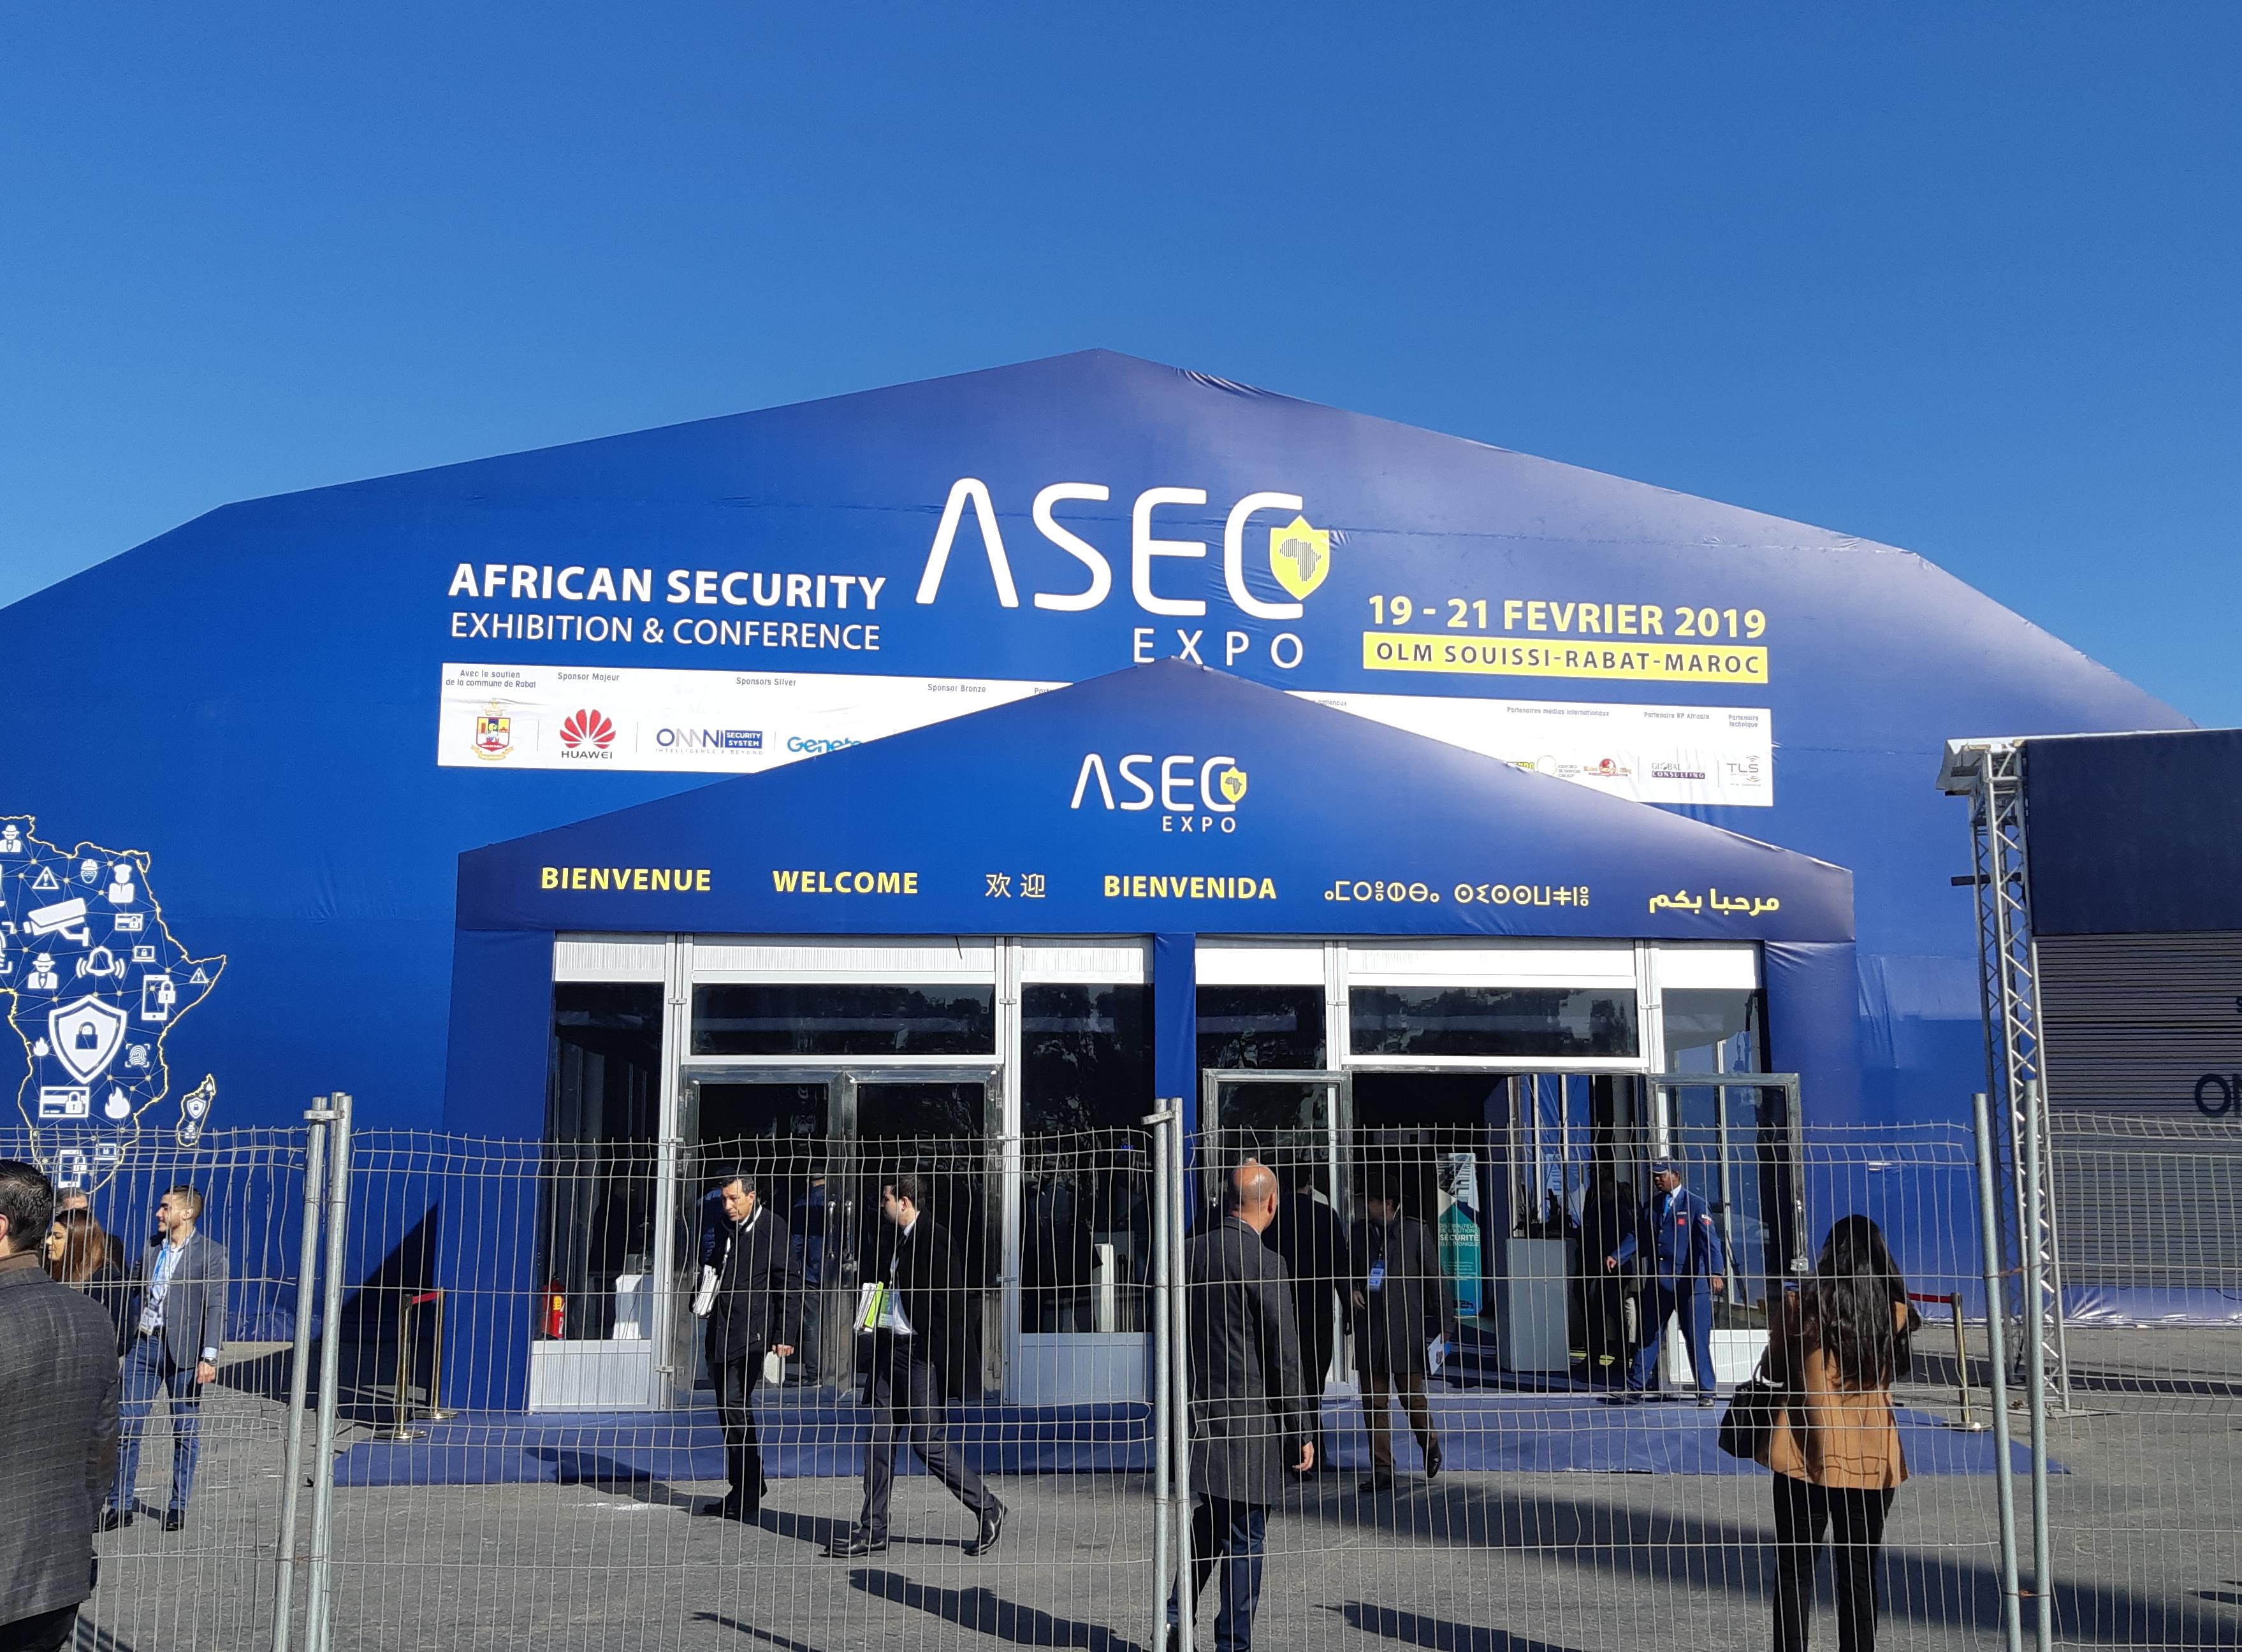 ASEC EXP0 2019 : Le premier salon africain 100% technologique dédié à la sécurité et à la sûreté